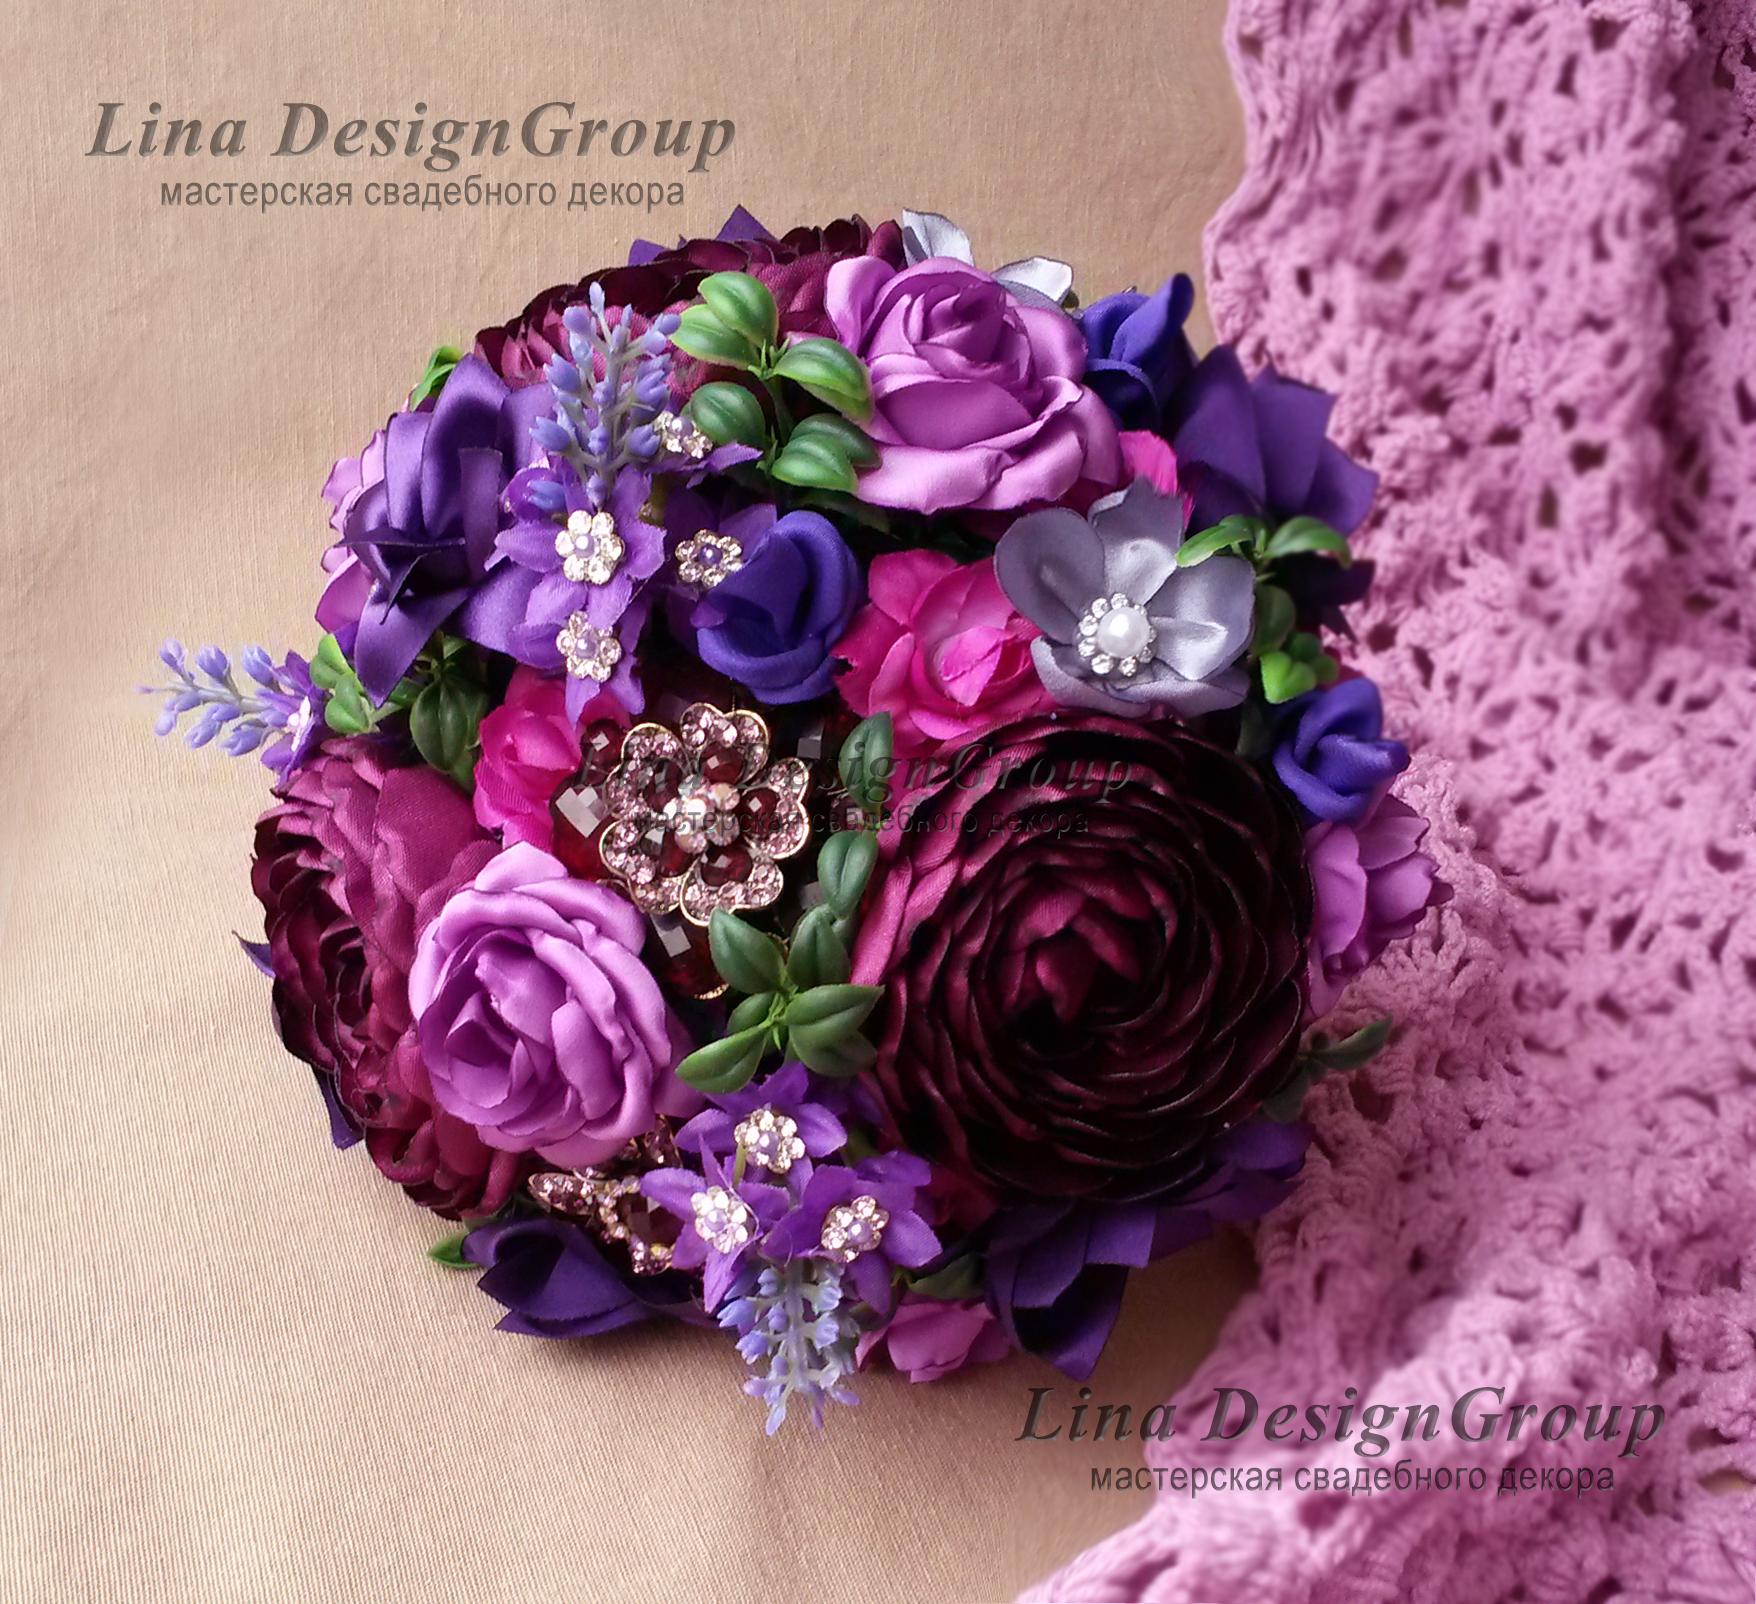 Мастерская свадебного декора Lina DesignGroup в Уфе